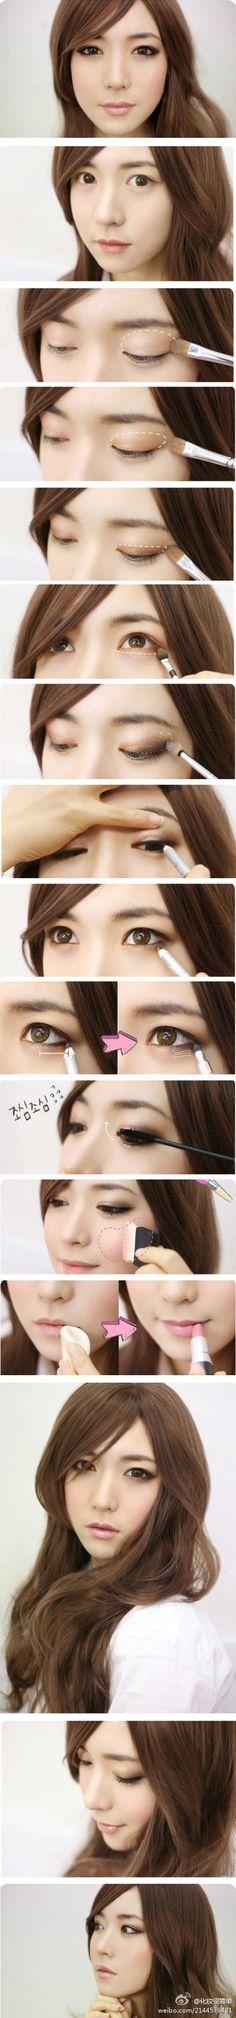 light day makeup - maquillage de jour léger